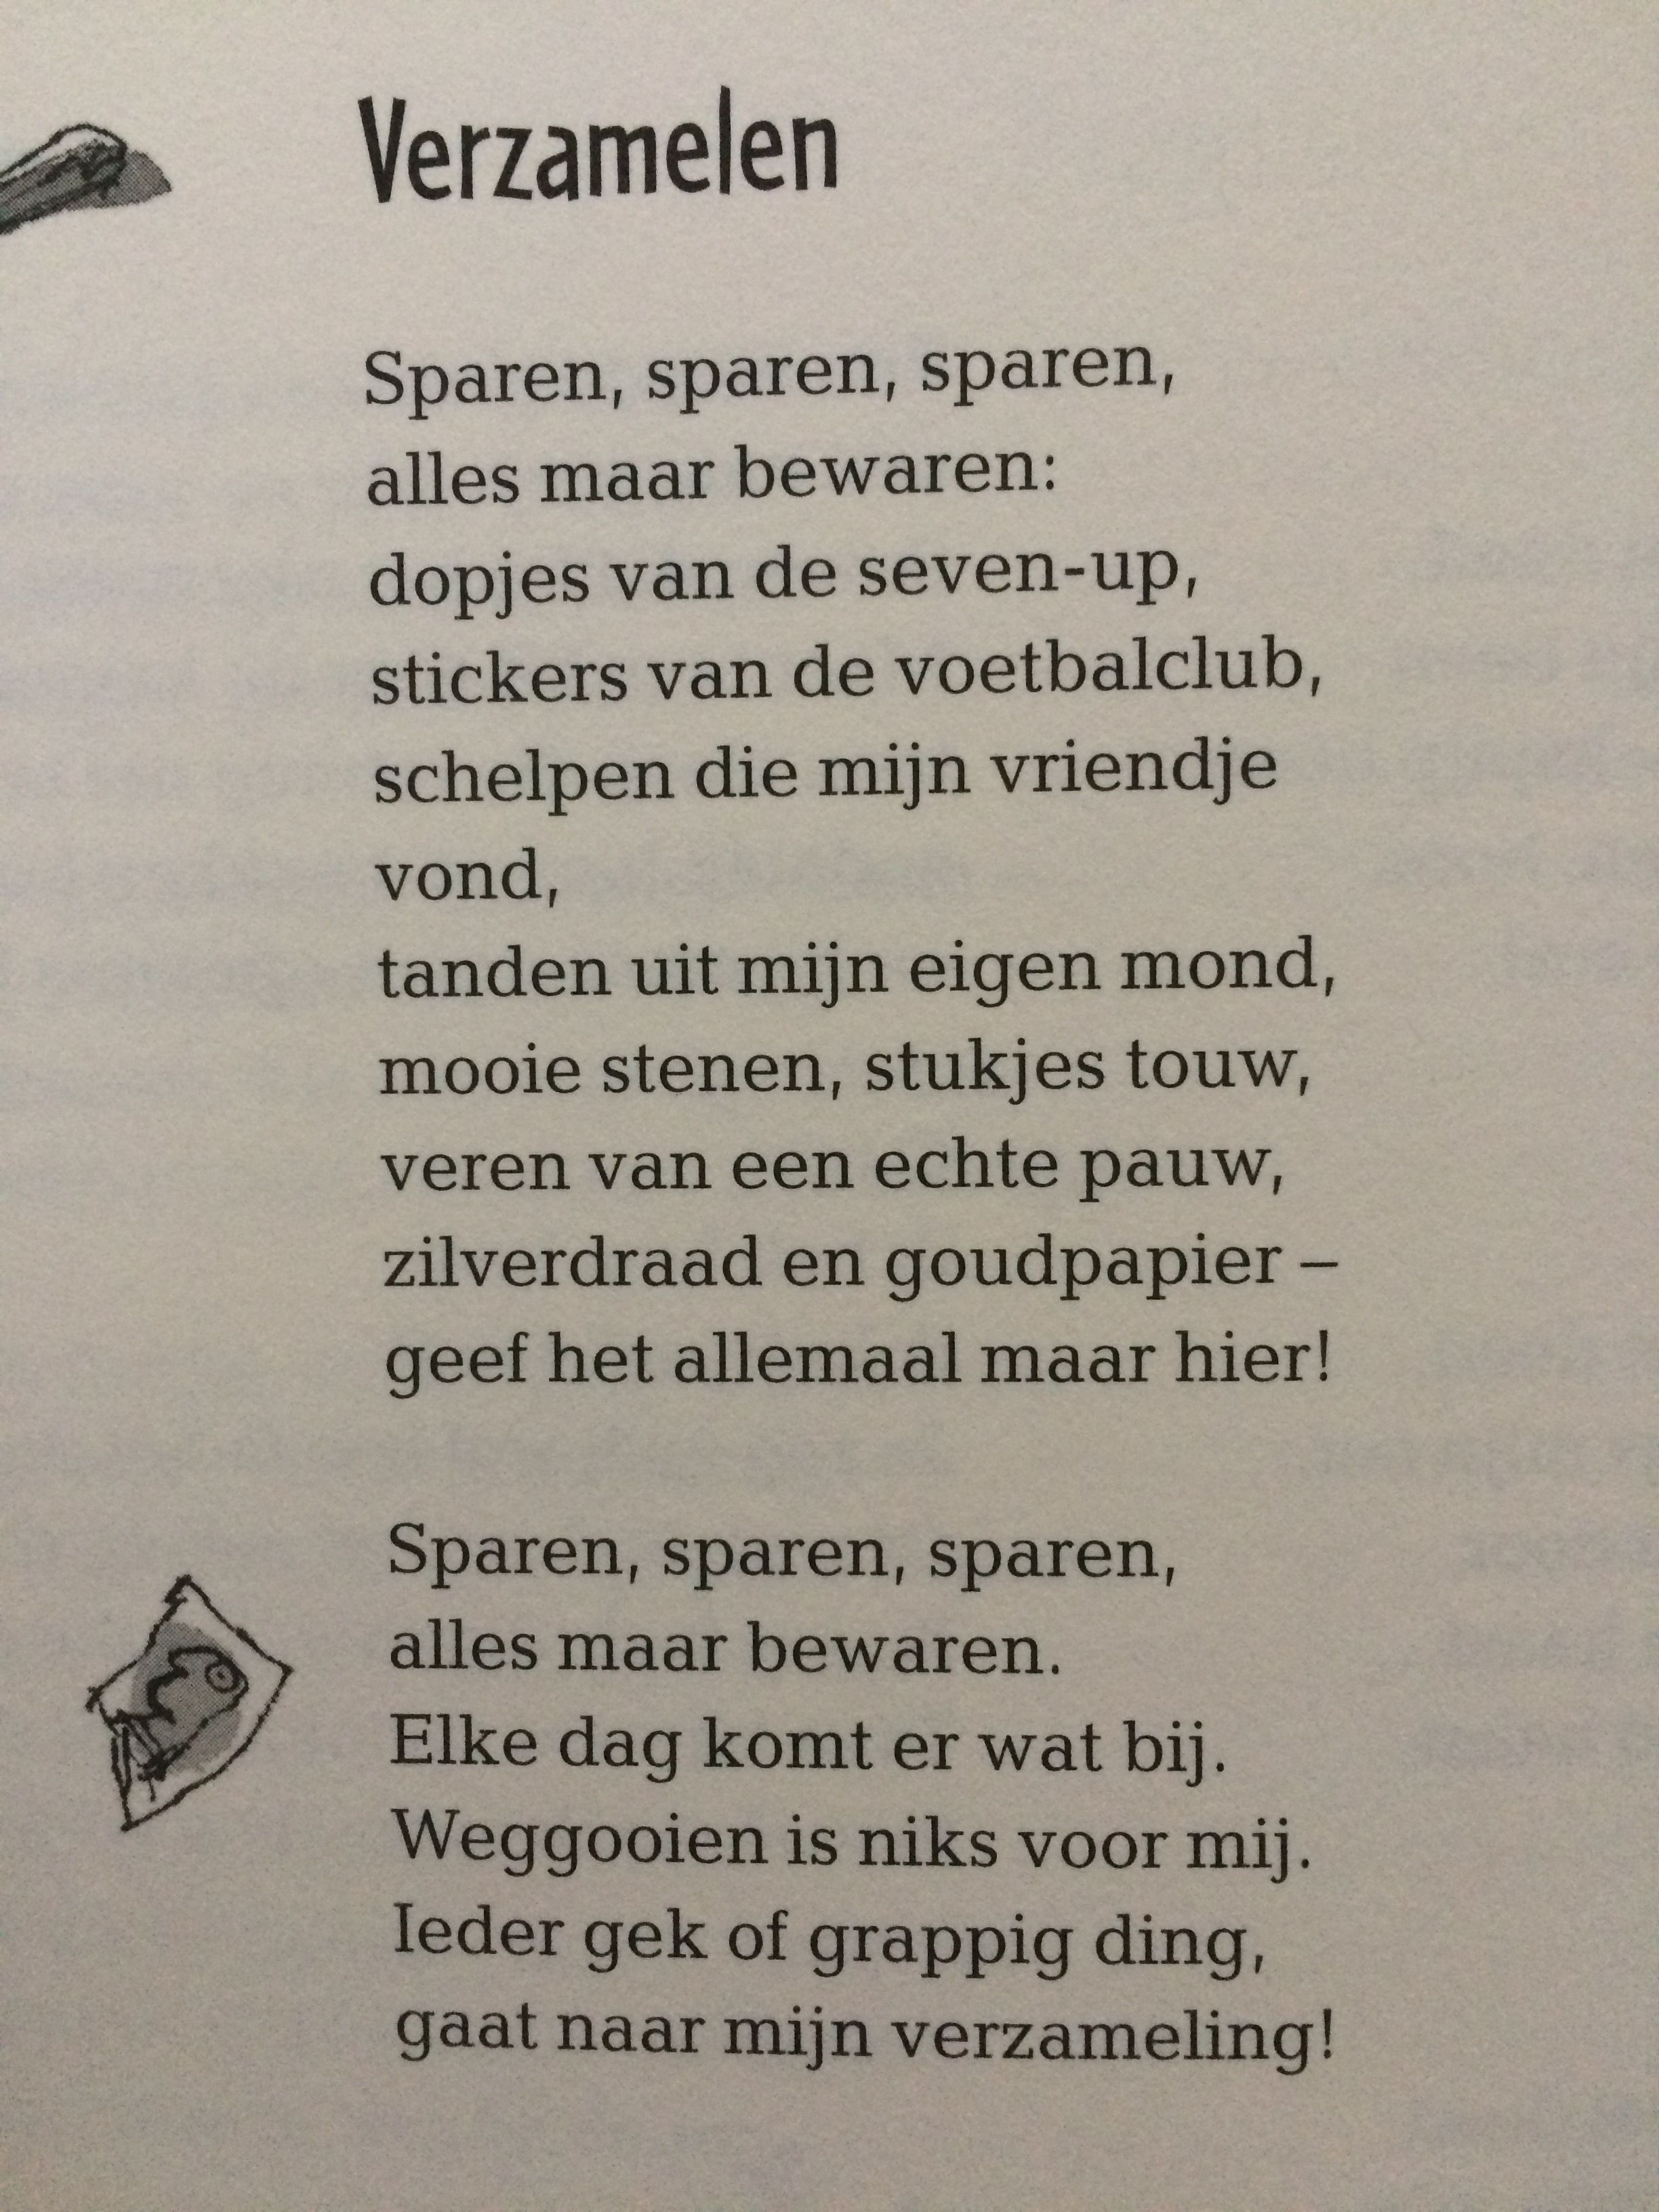 Pin Van Claudia Dhaenens Op Thema Klasmuseum Leren Lezen Sociale Vaardigheden Taal